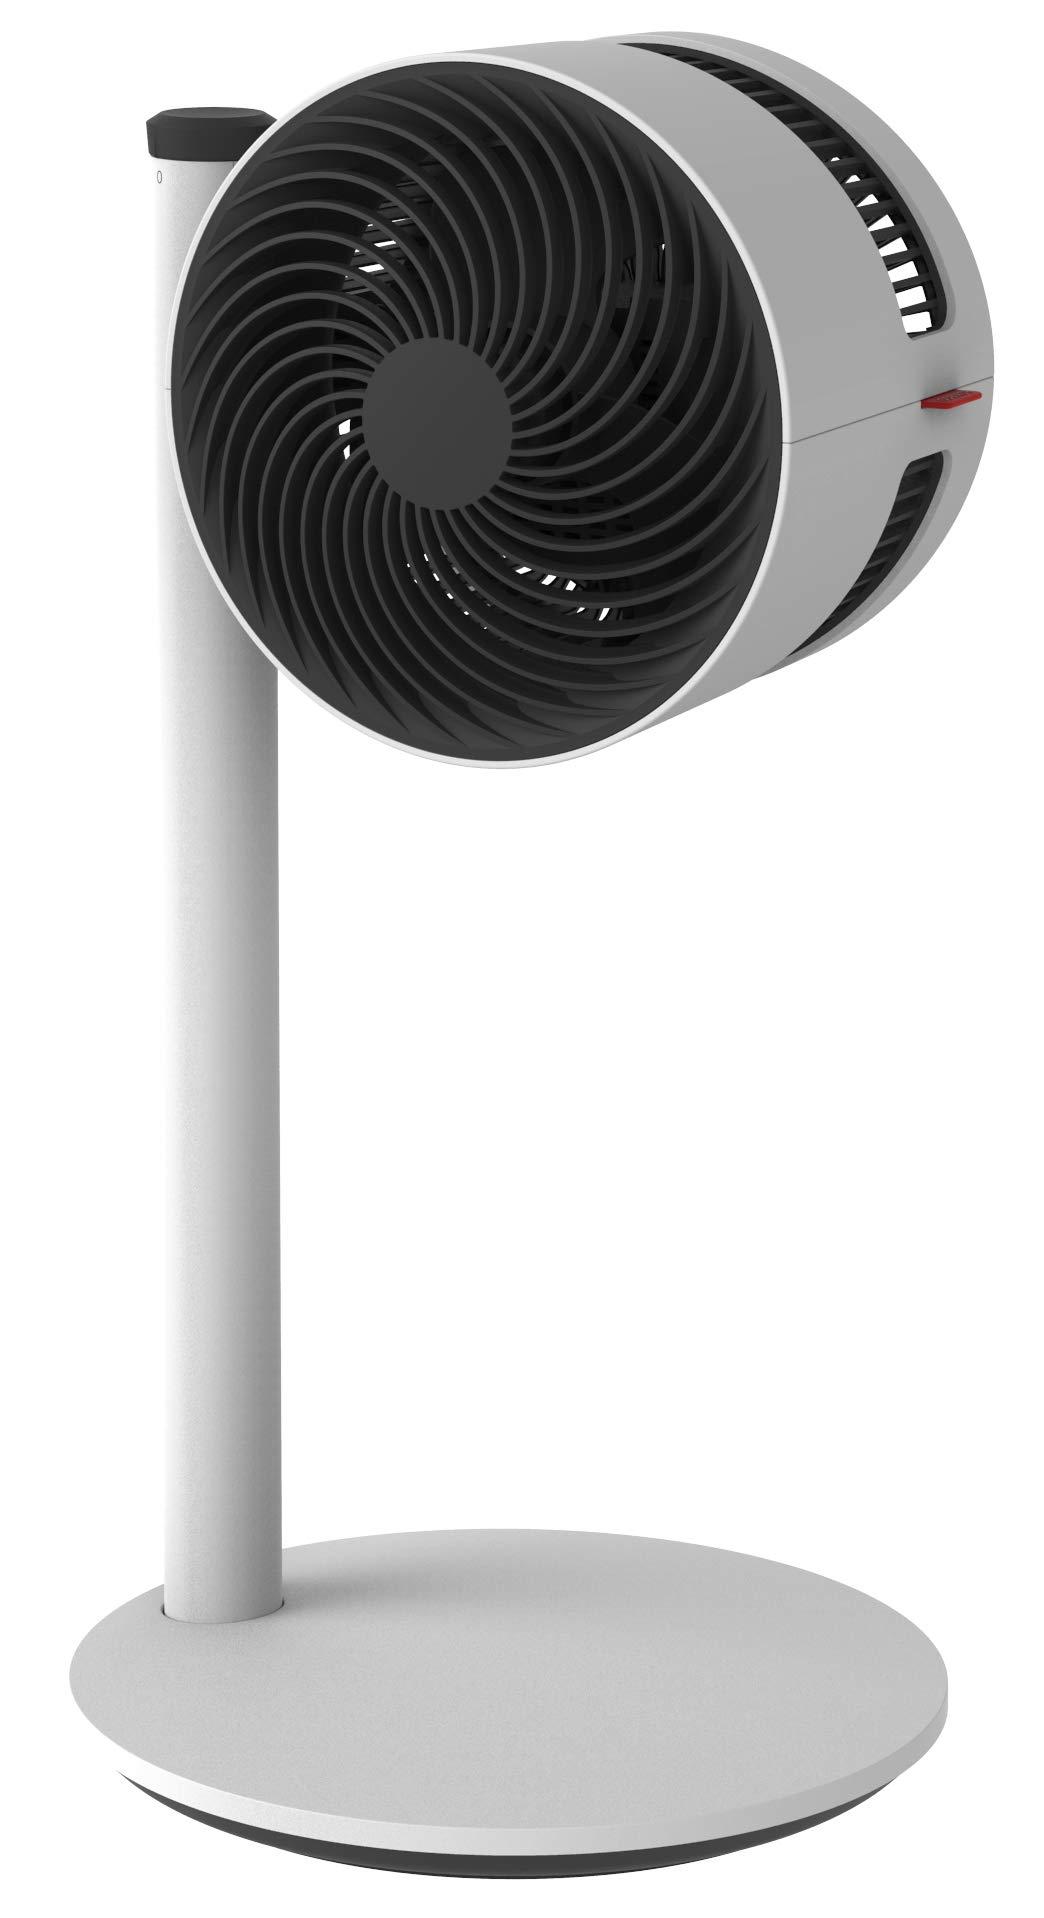 BONECO F120 Pedestal Air Shower Fan (Air Circulator)